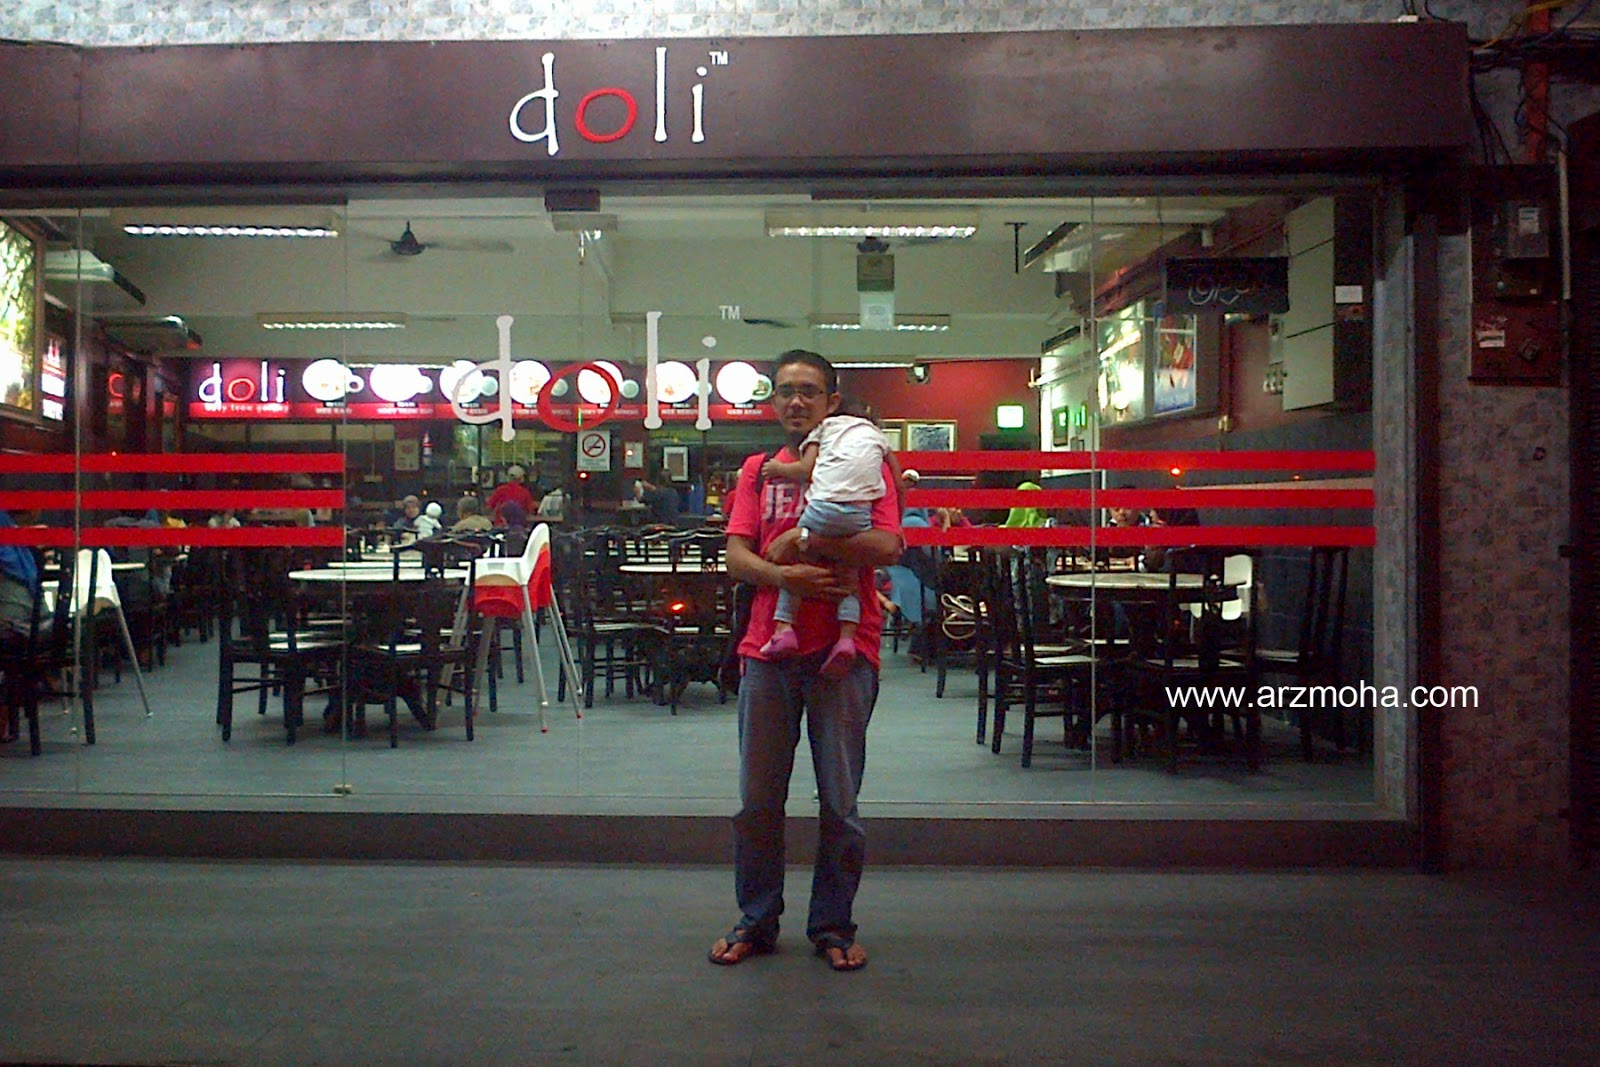 Doli, Taiping, Perak, Malaysa, Awesome Food, Jalan-jalan cari makan, gambar cantik